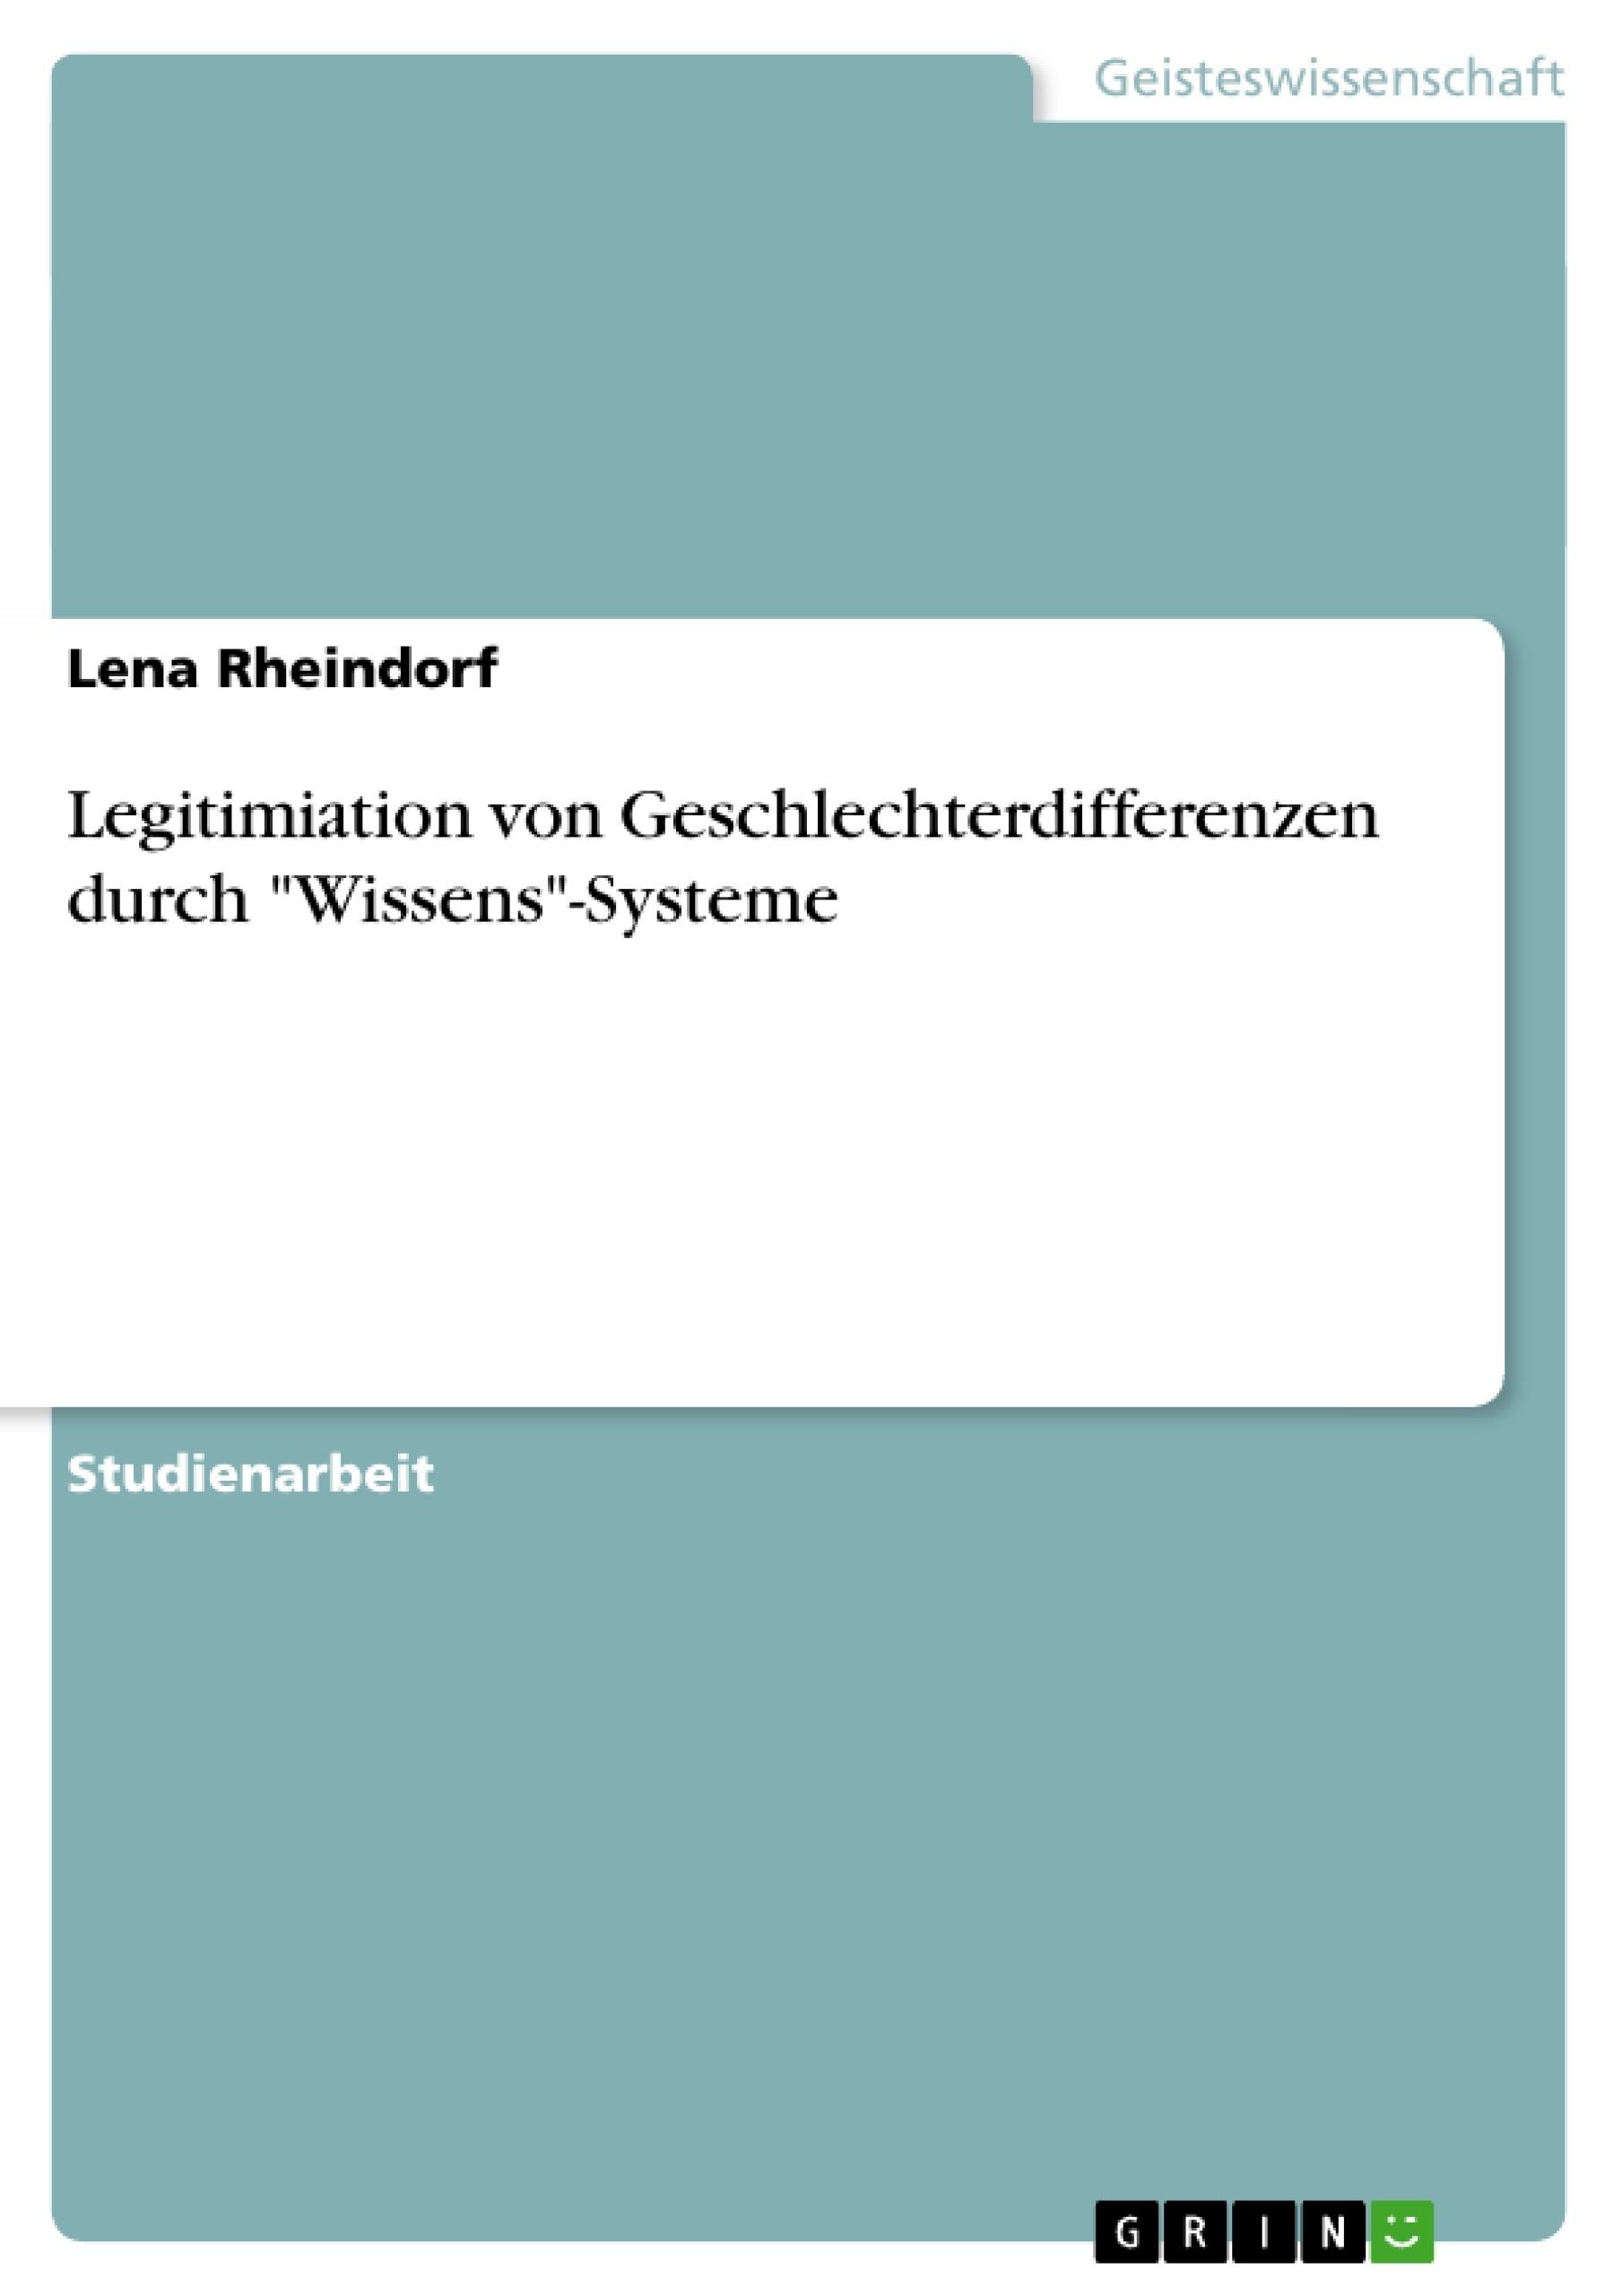 """Titel: Legitimiation von Geschlechterdifferenzen durch """"Wissens""""-Systeme"""